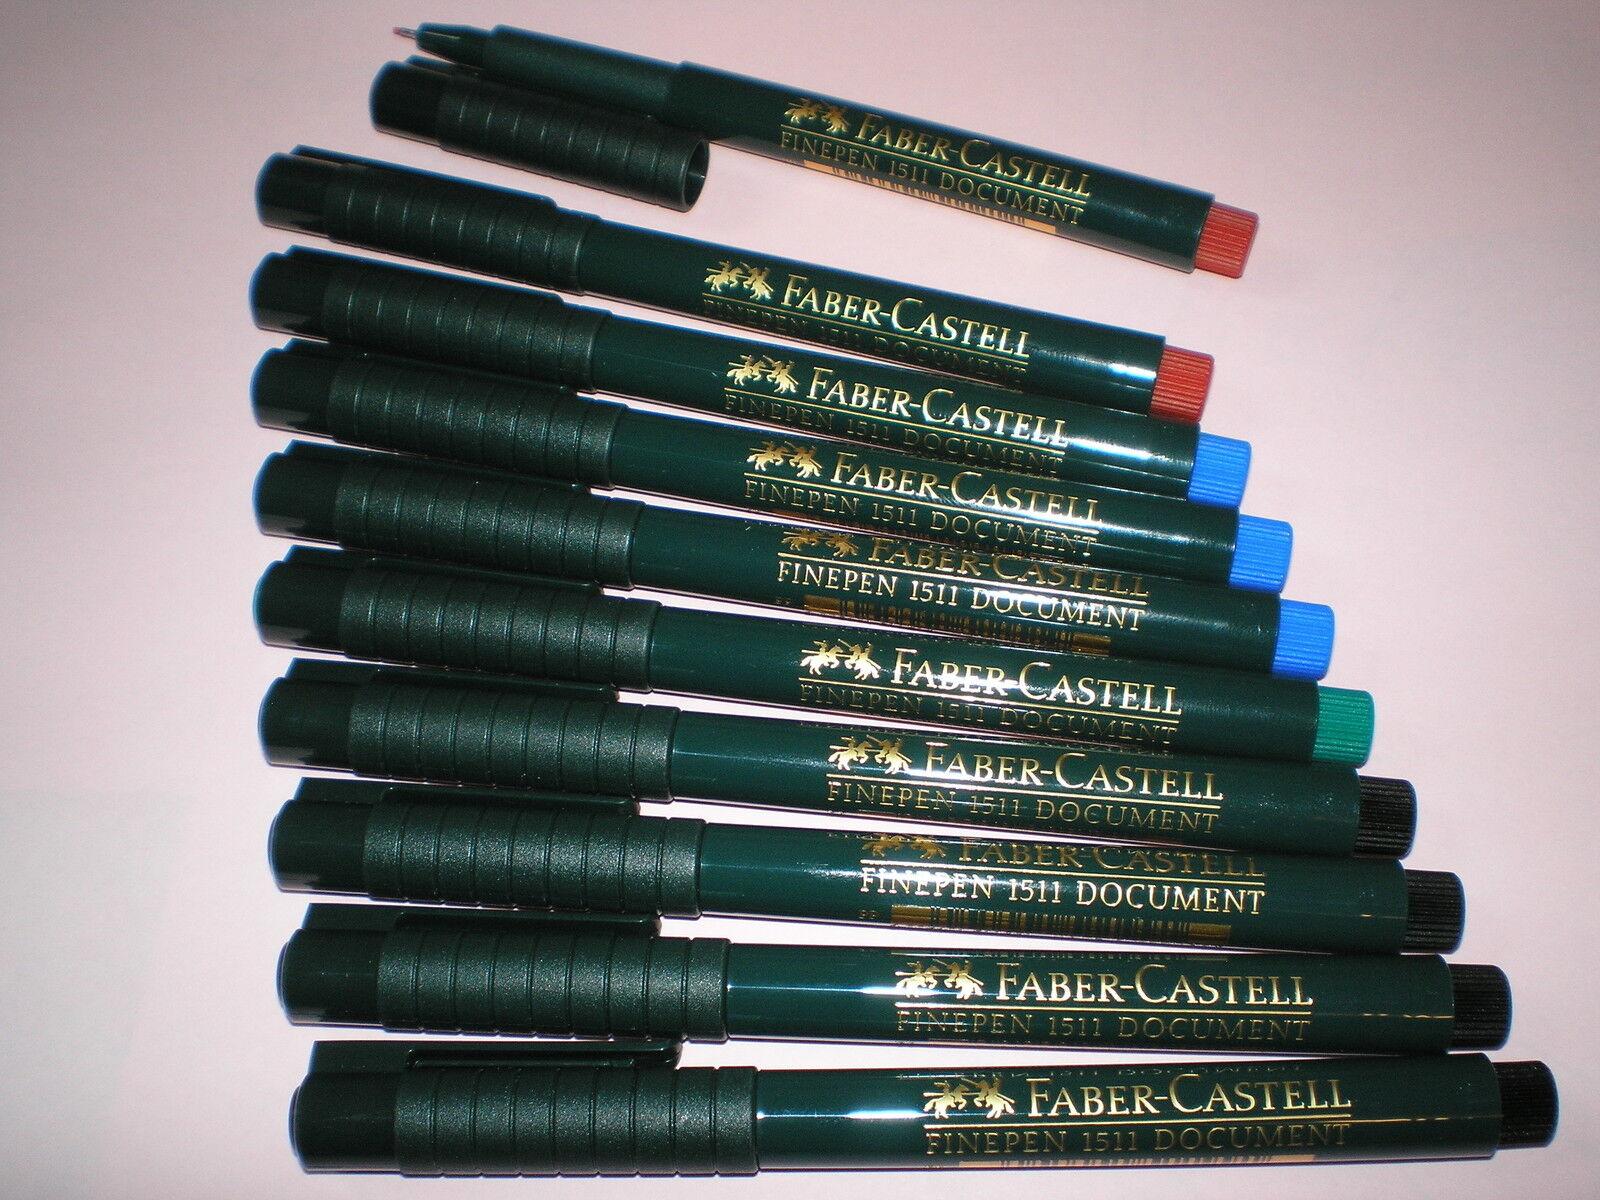 10x Faber-Castell Finepen 1511 farb sort 0,4mm Tinte dokumentenecht 151111 NEU